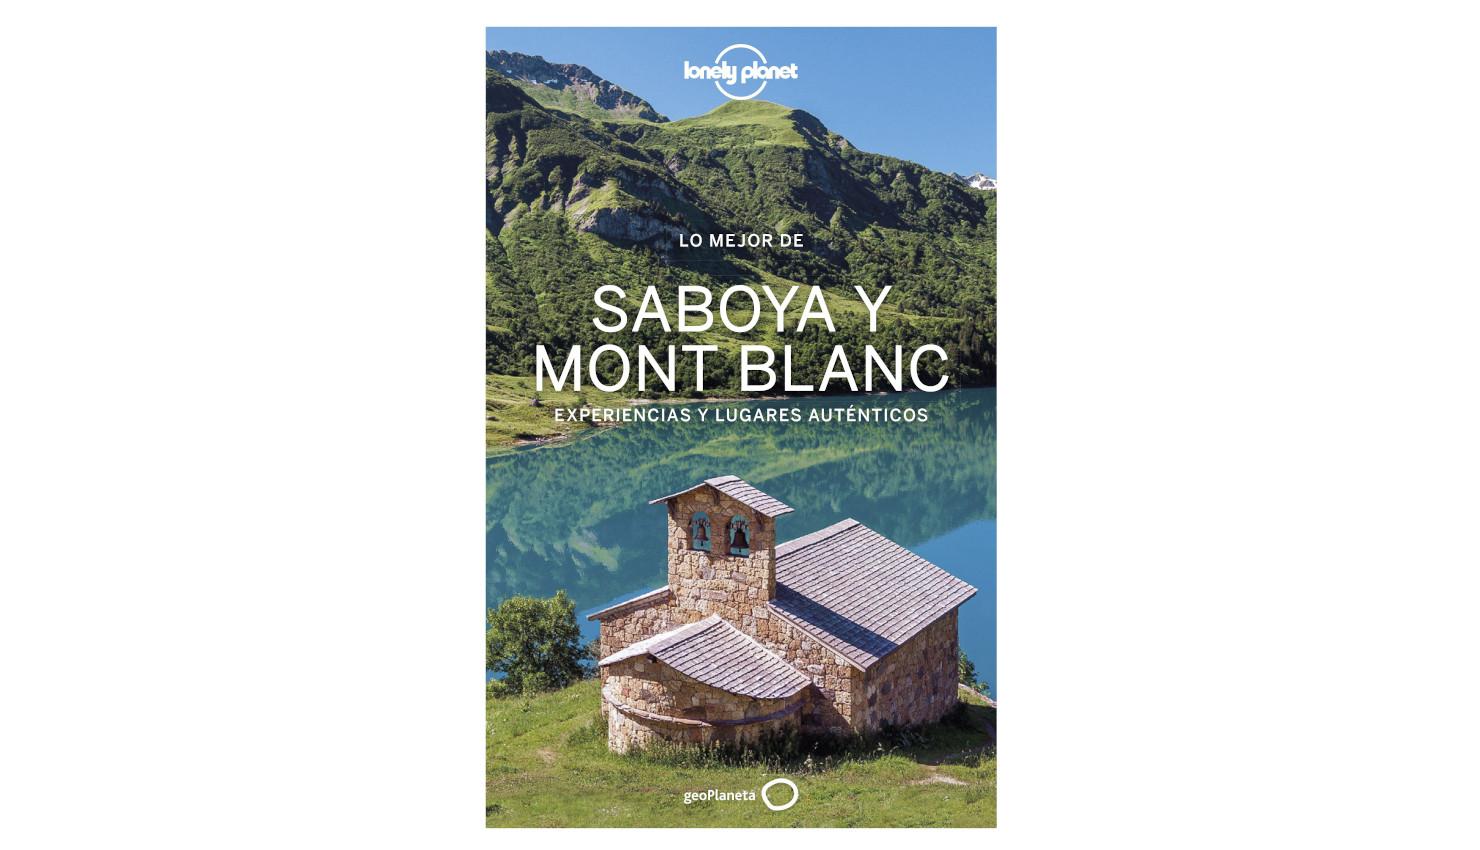 saboyaymontblanc-magazinehorse